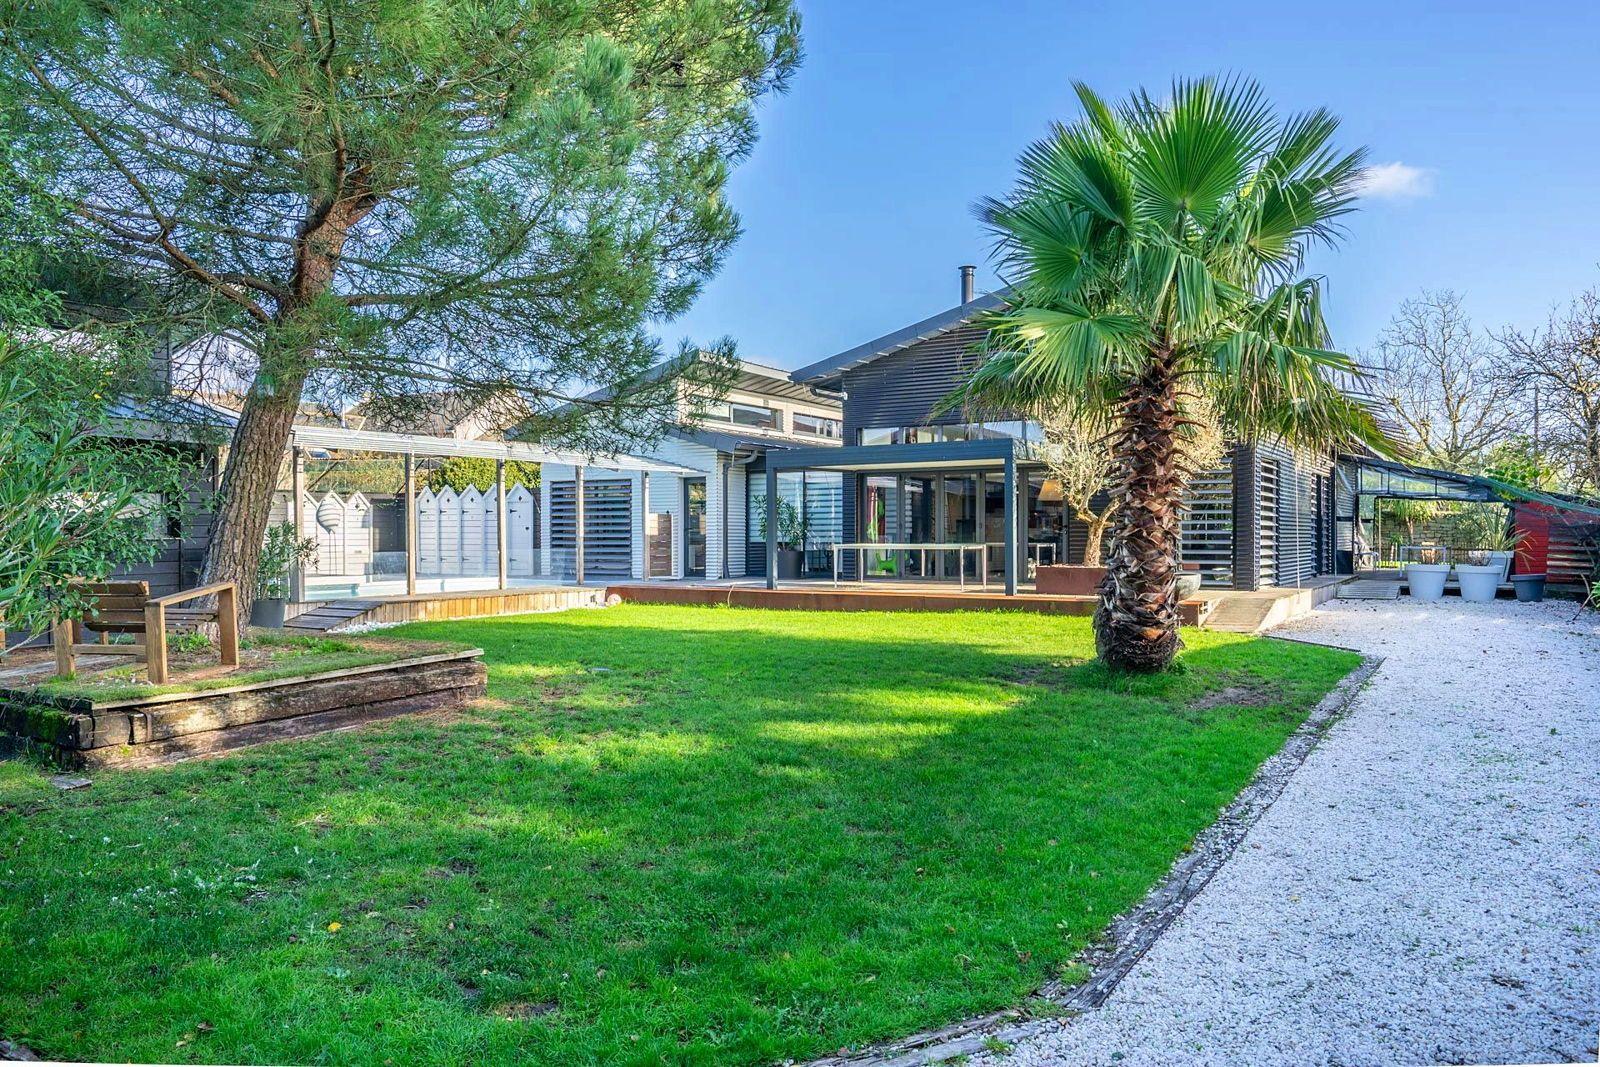 Vends Magnifique maison d'architecte à ossature bois à Guérande (44) - 300m² 7chambres